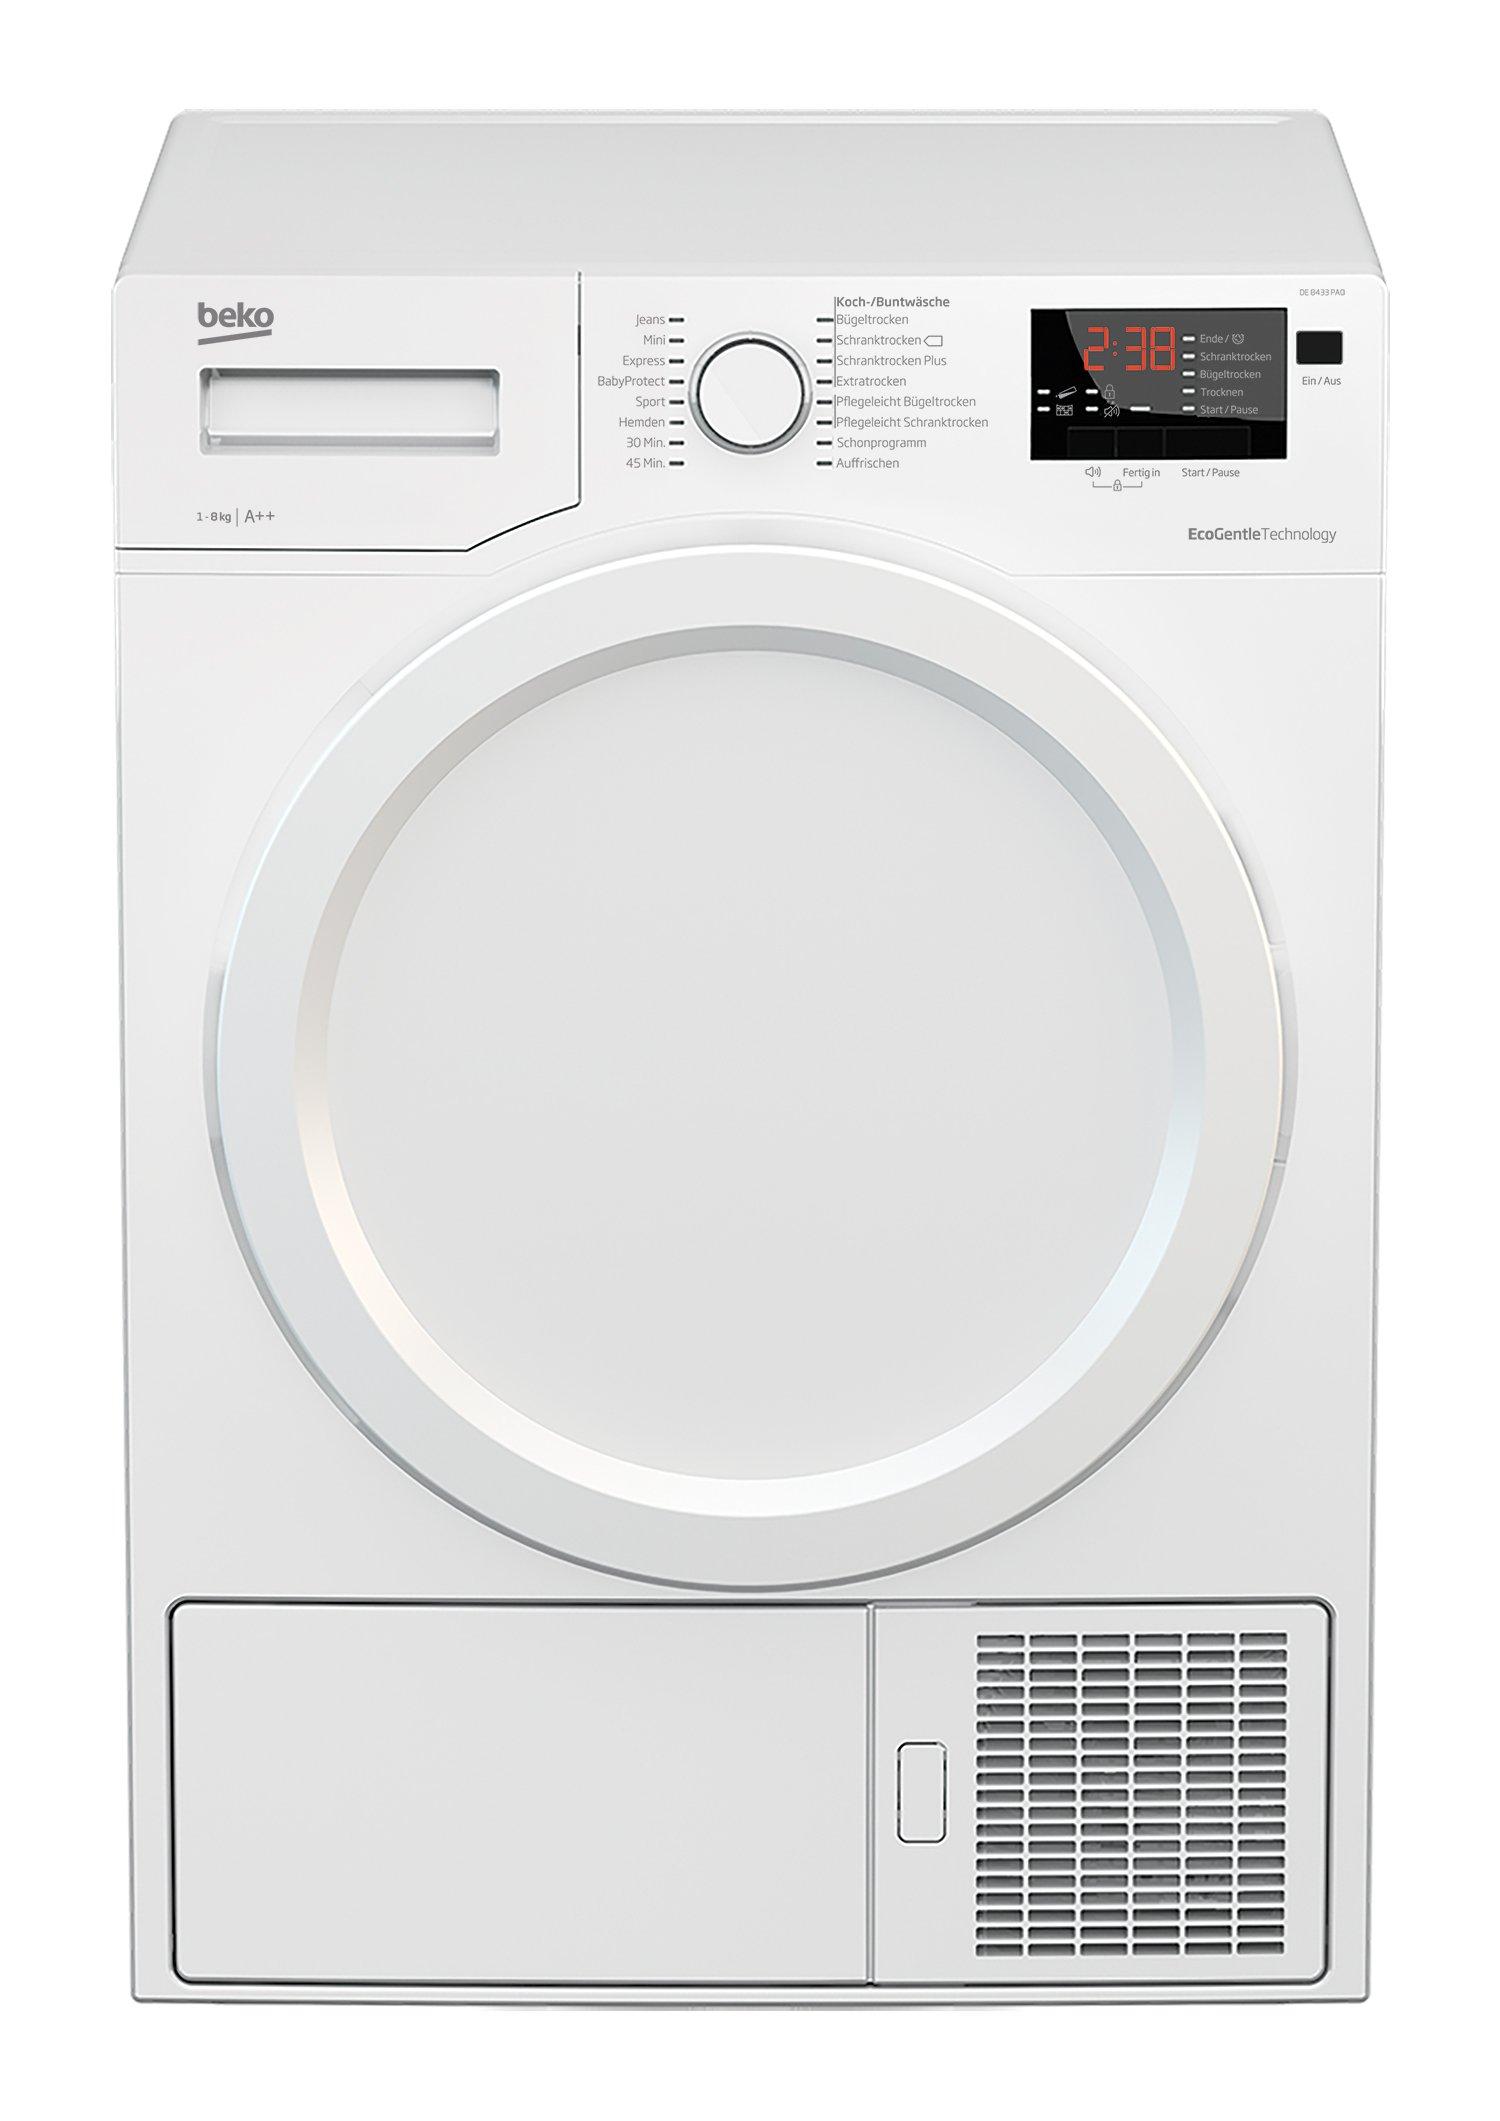 Beko DE8433PA0 Wärmepumpentrockner, Kondenstrockner, 8 kg, Flexy Sense